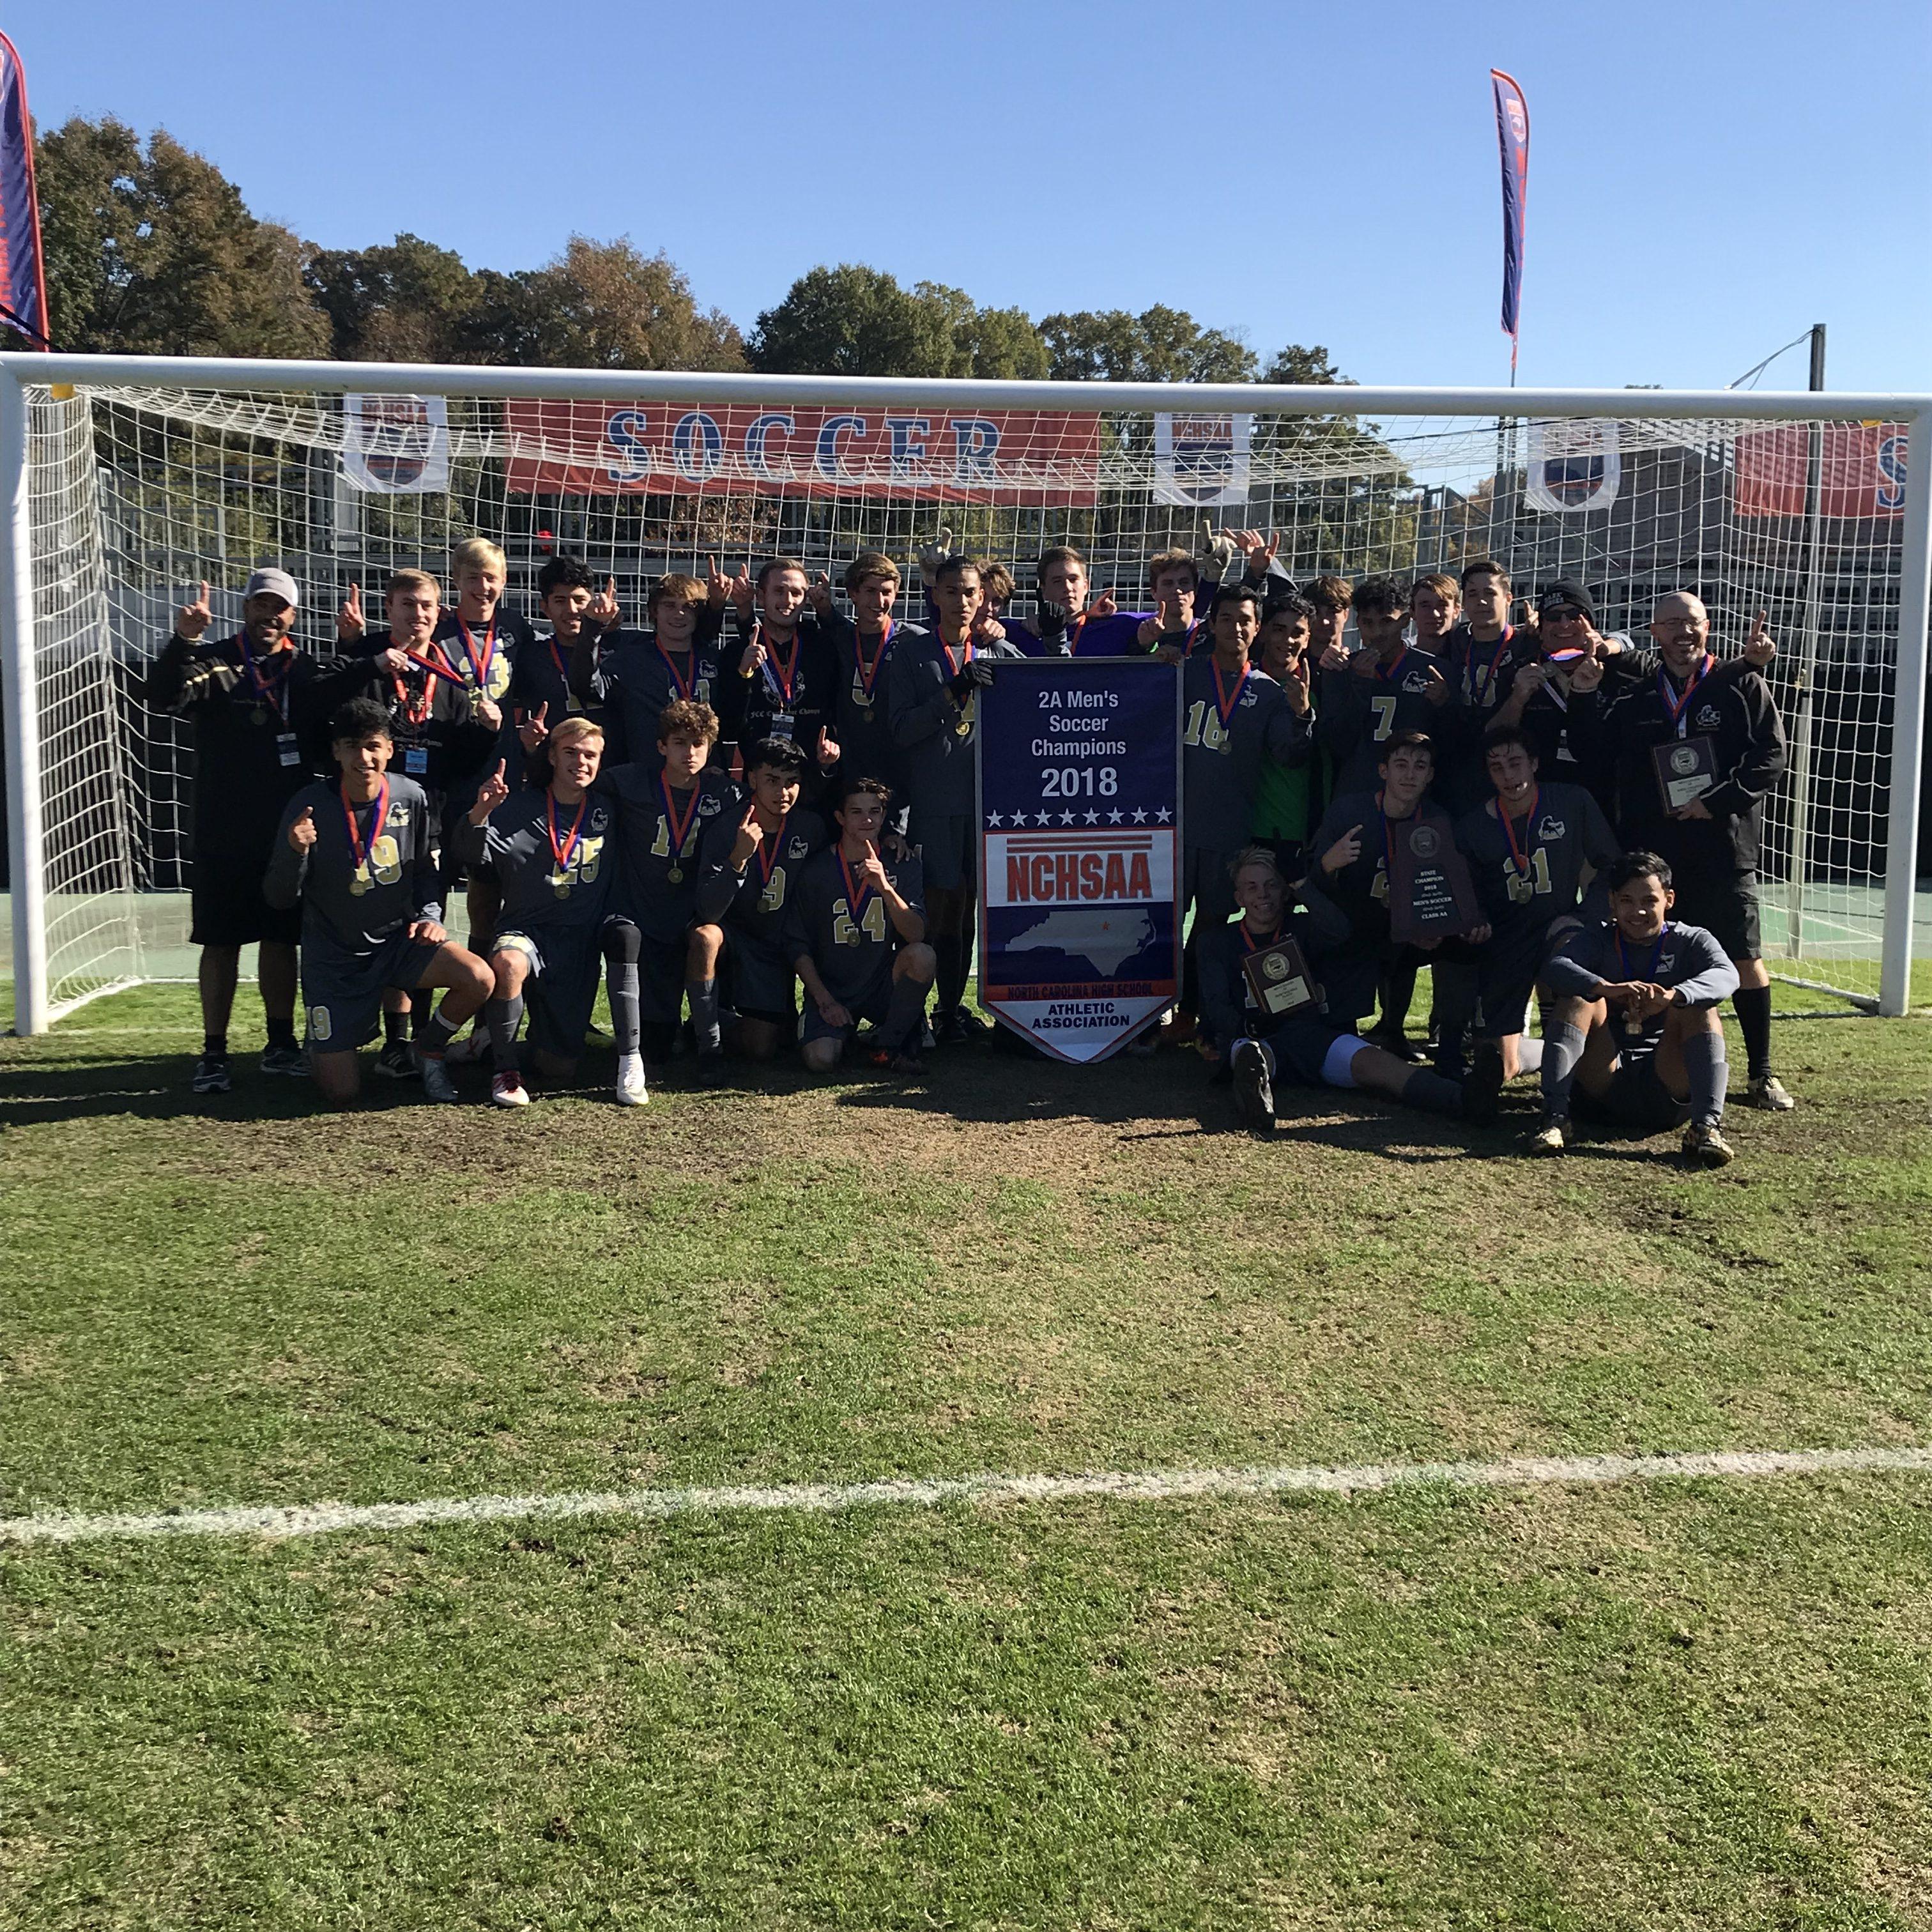 Clinton 2A Men's Soccer Champions 2018